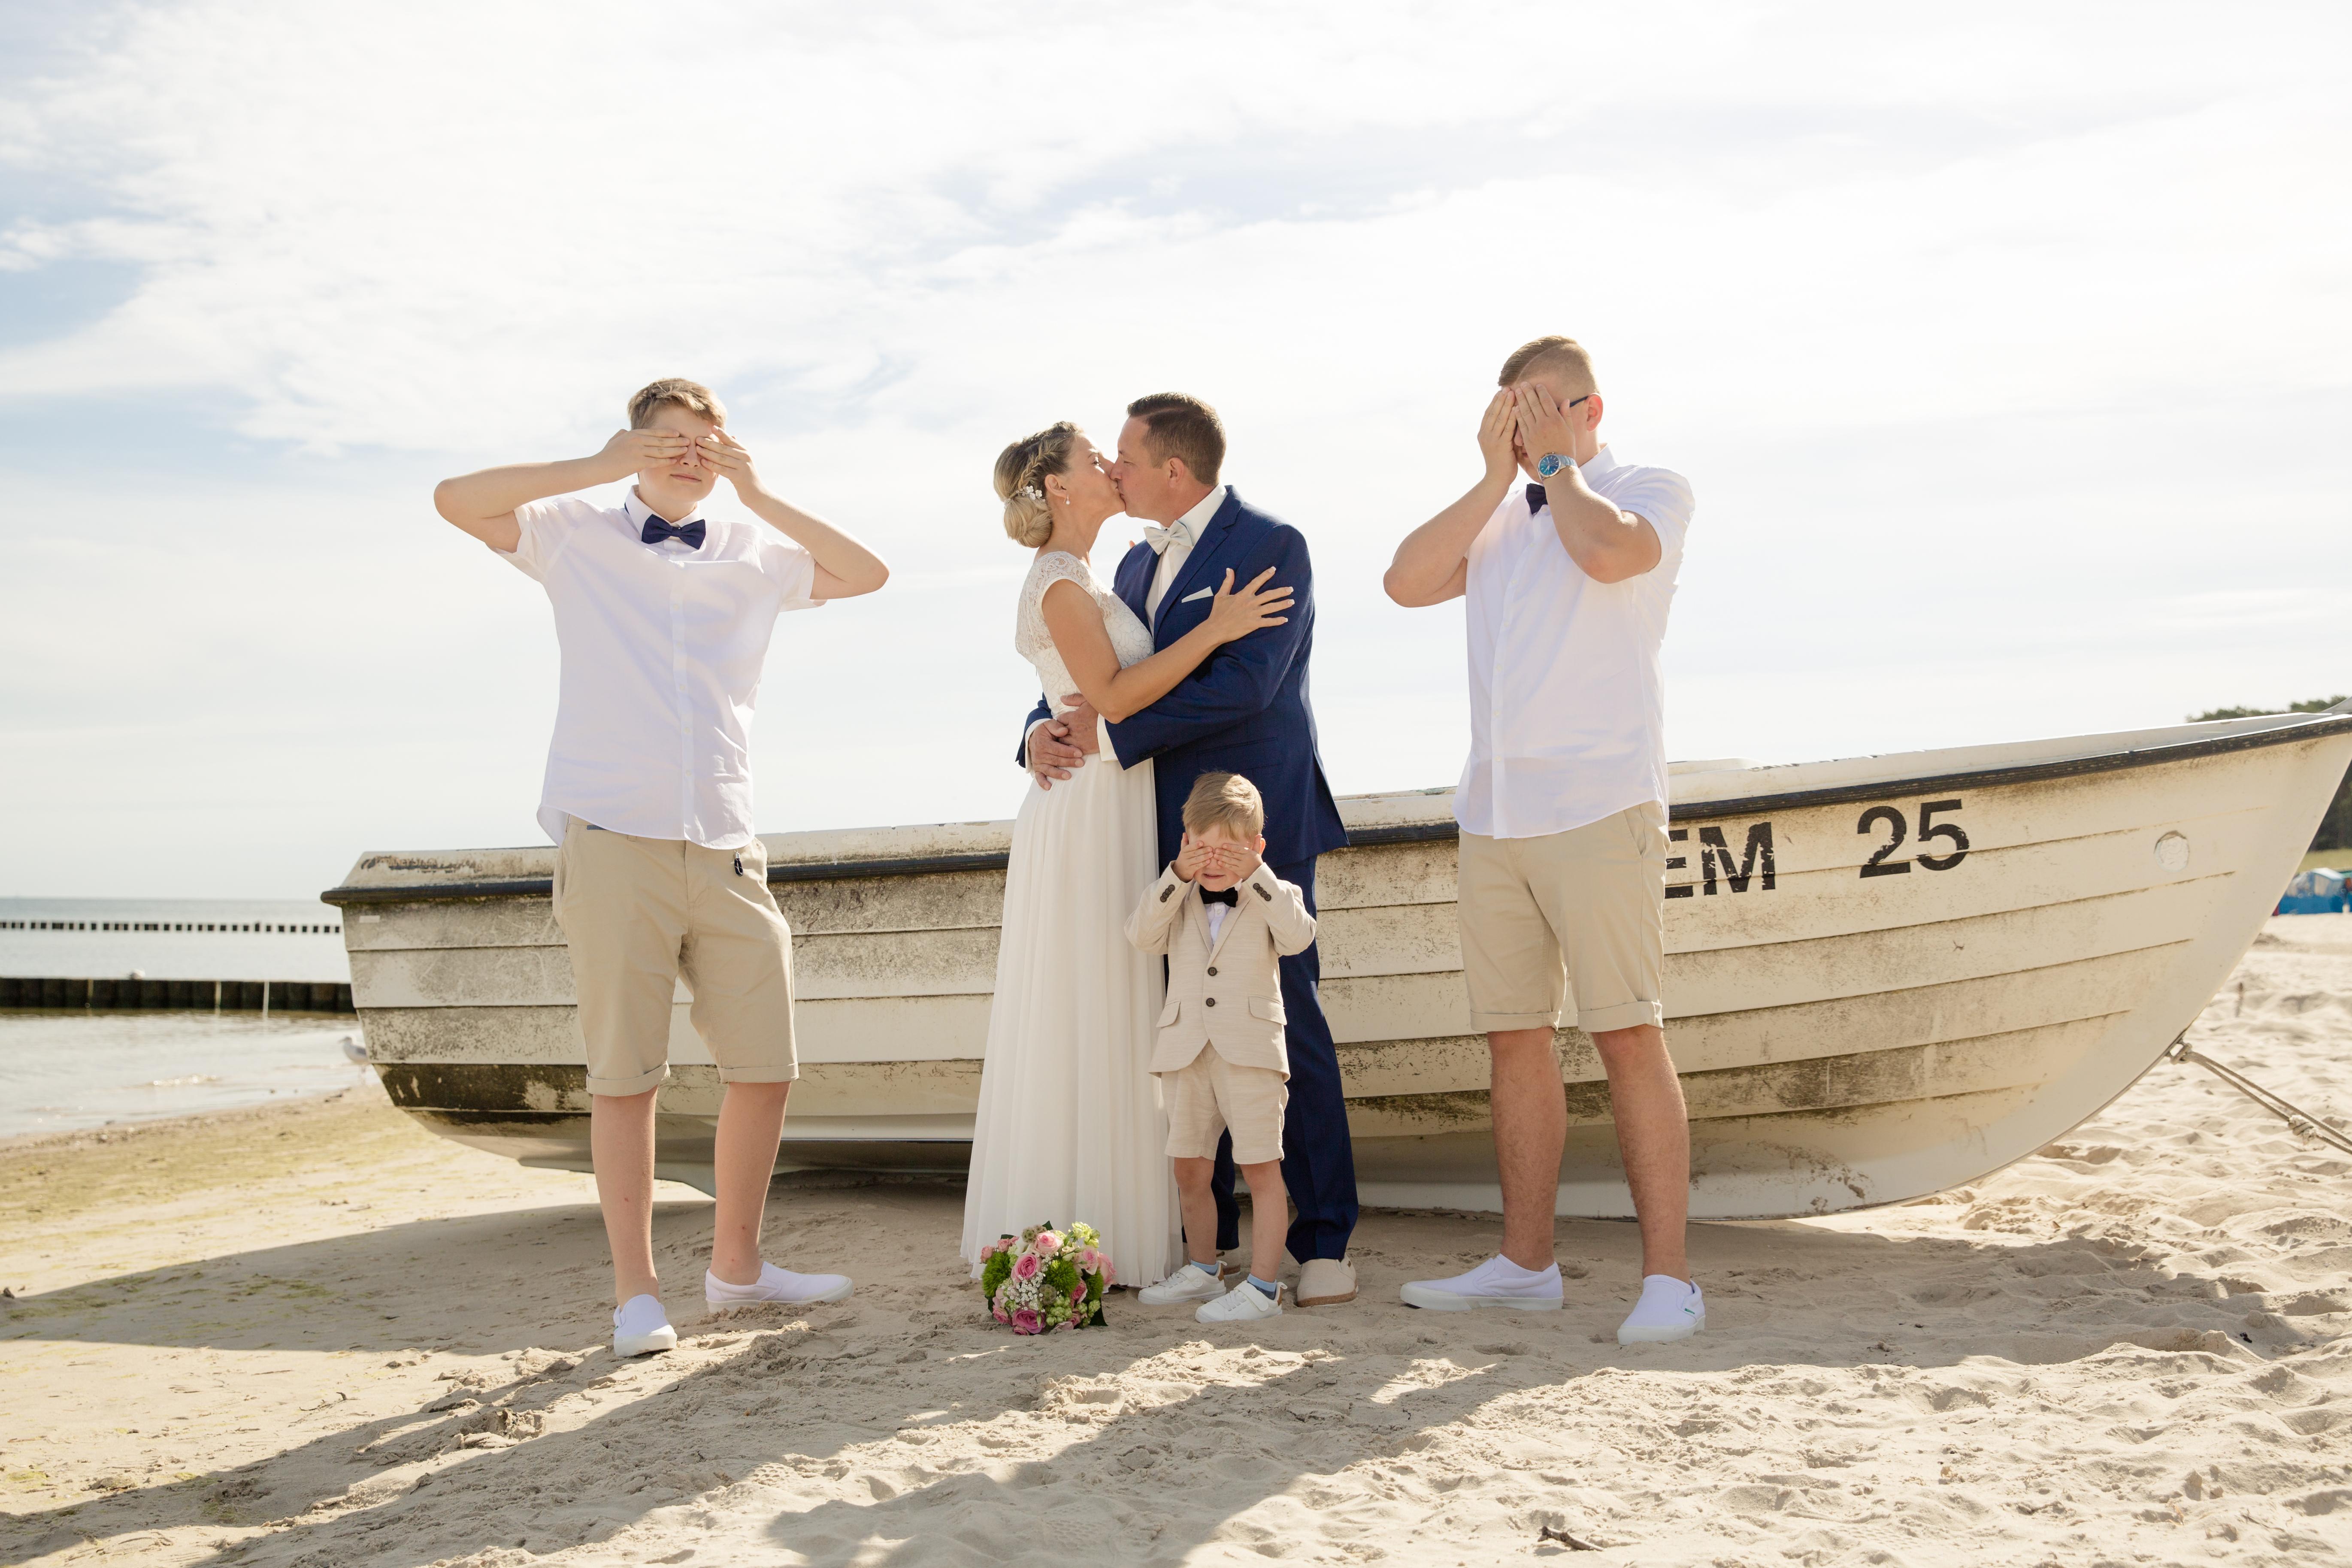 Romantische Hochzeitsfotos am Strand trotz Hochsaison